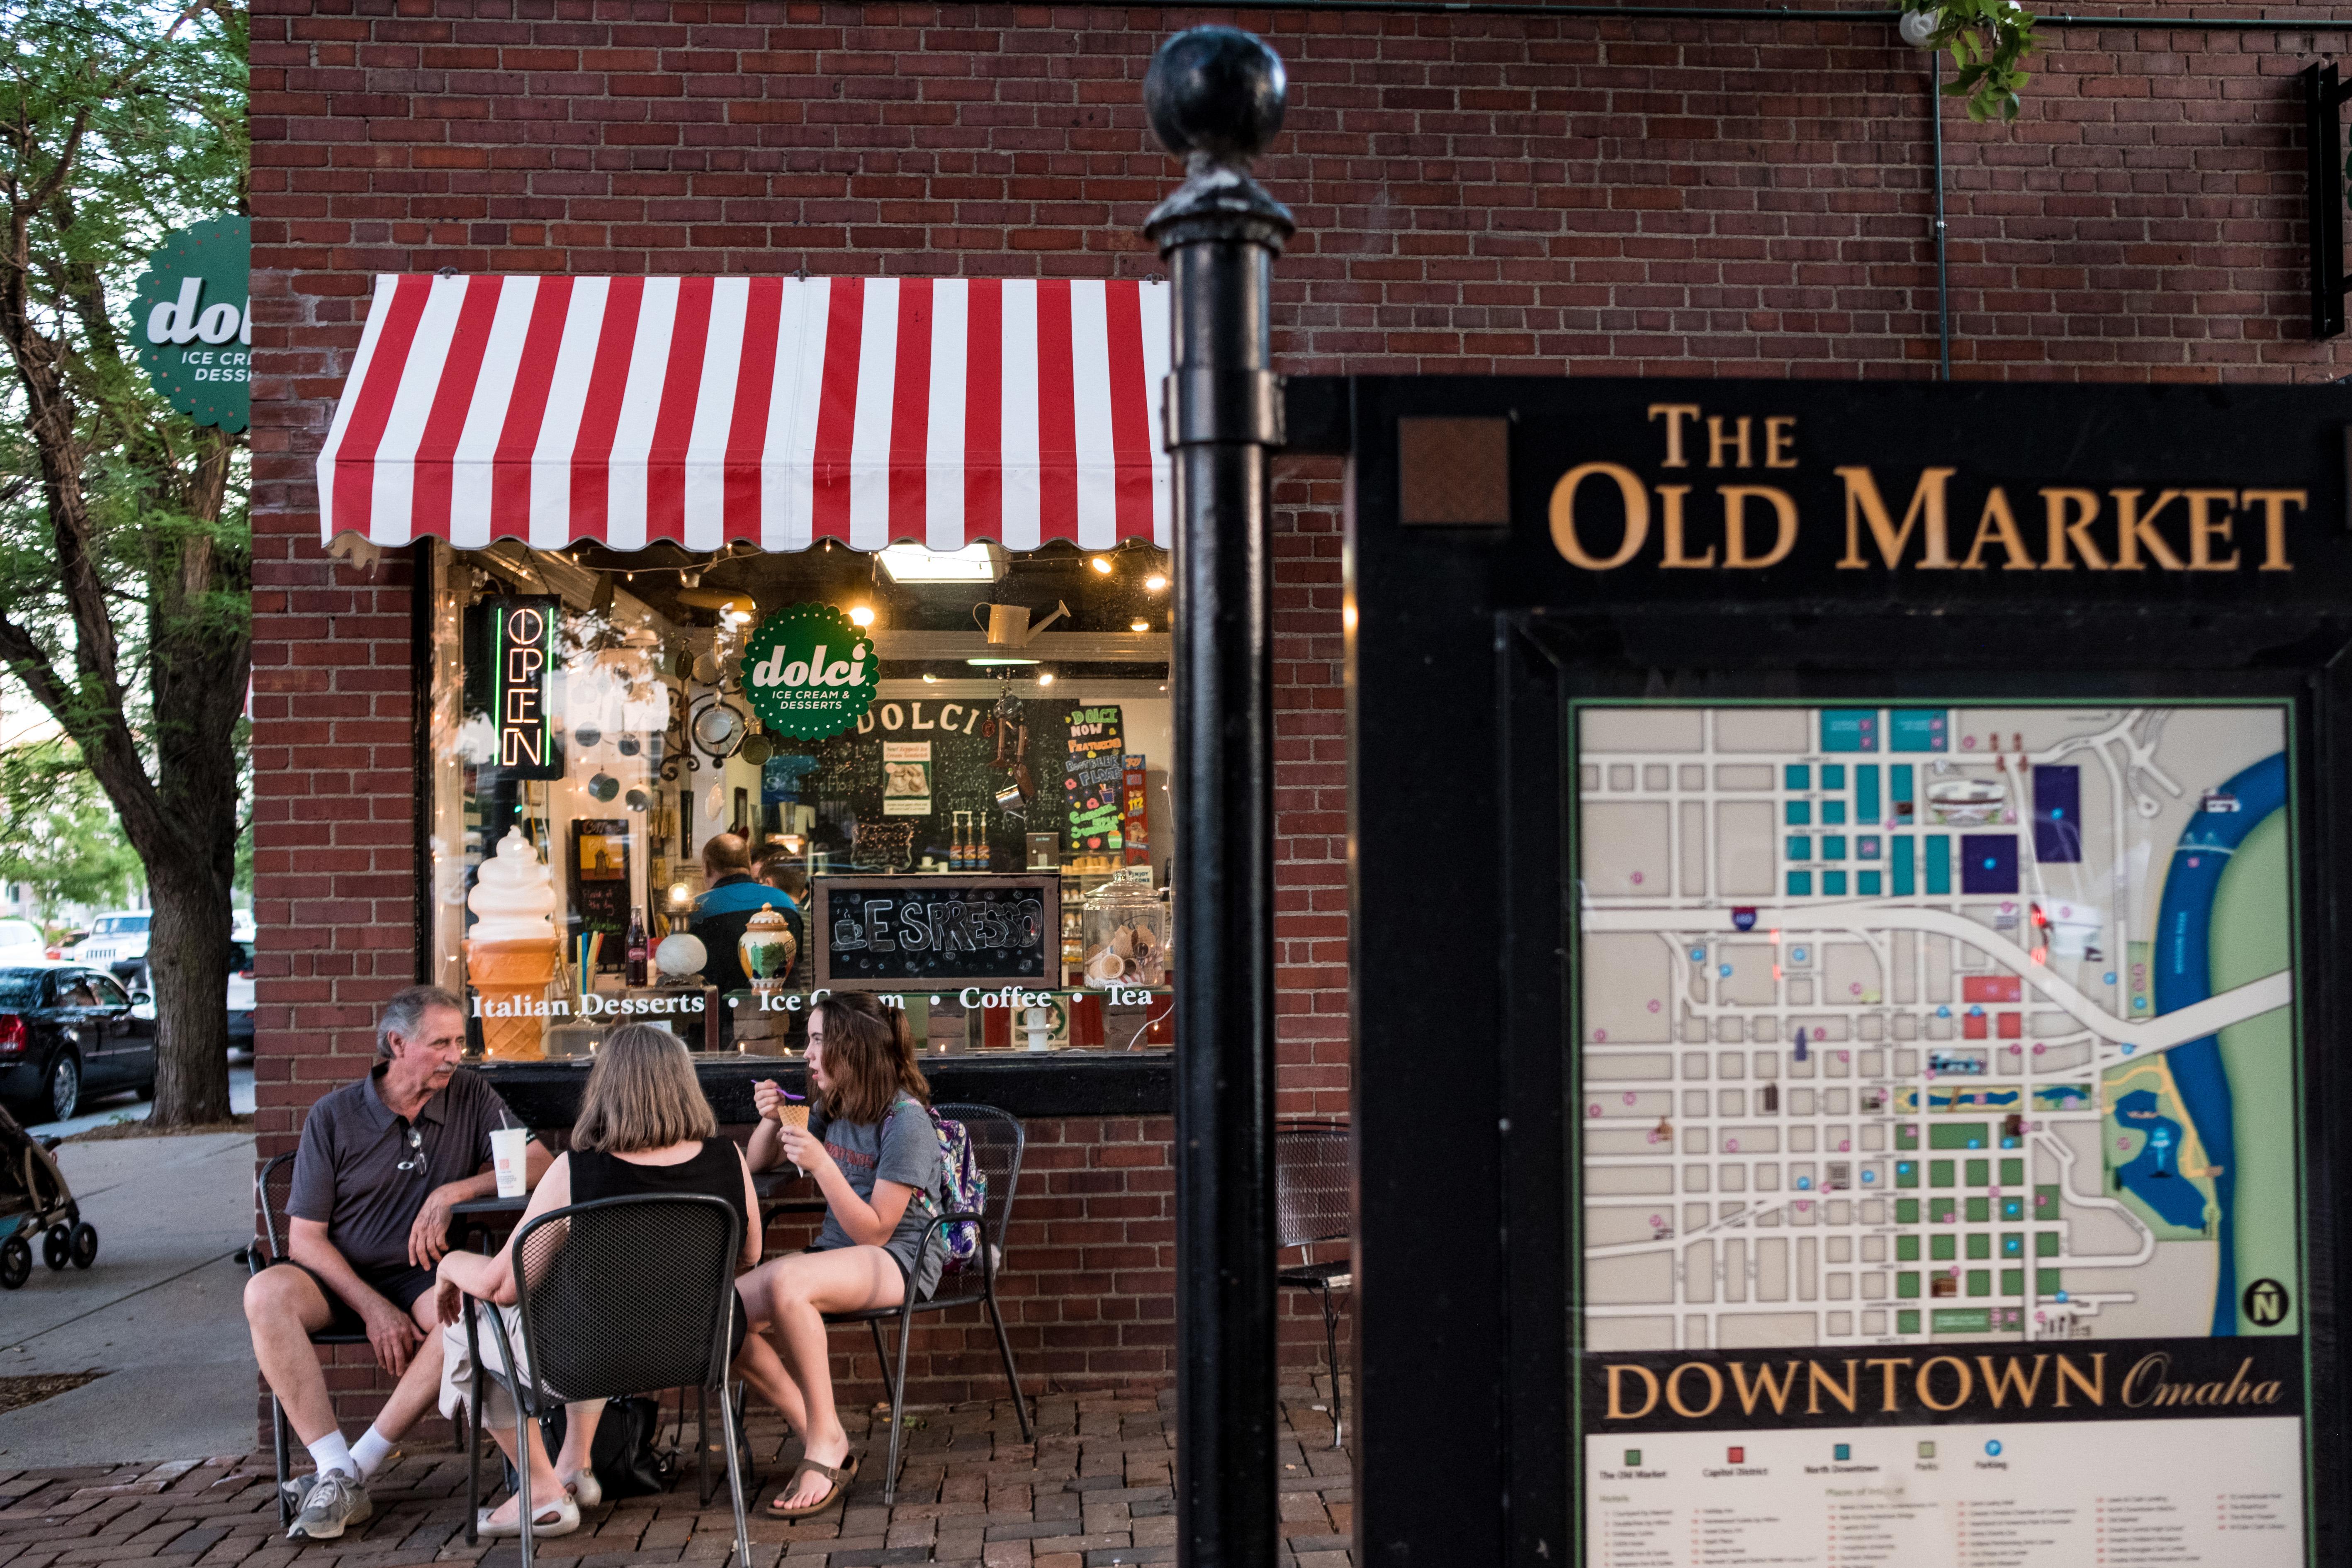 visit omaha nebraska hotels restaurants events activities